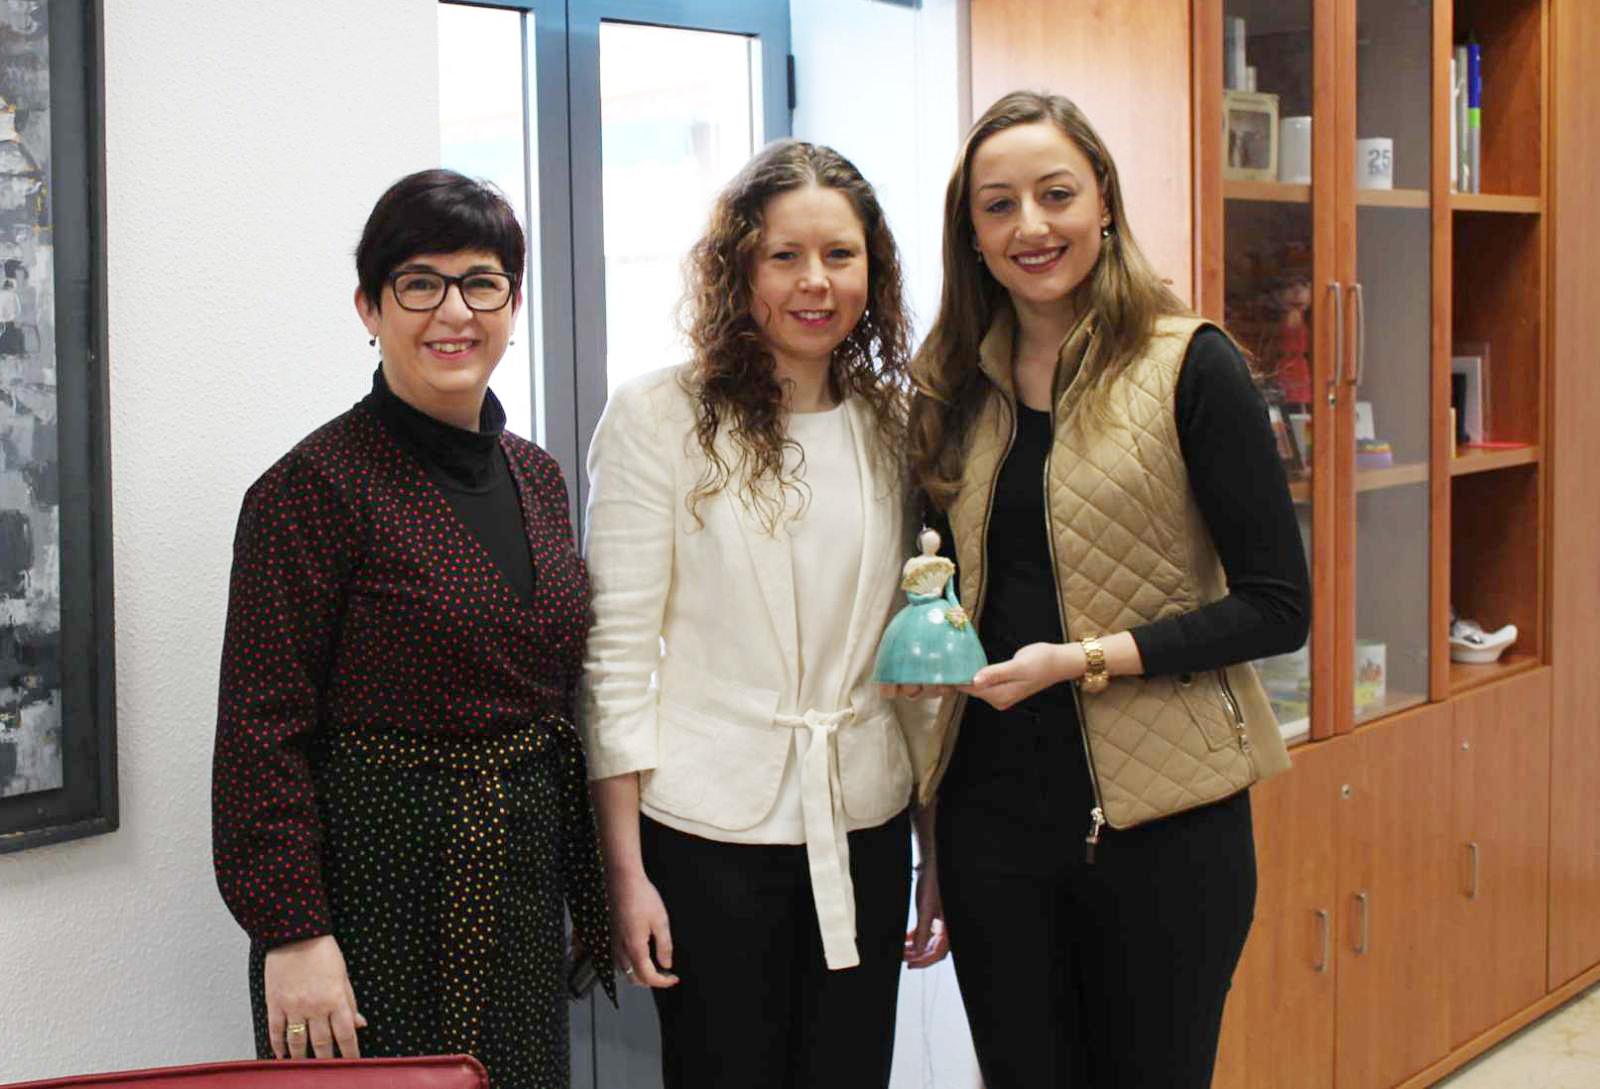 Rocío Gil, Fallera Mayor de Valencia, junto a la alcaldesa de Buñol, Juncal Carrascosa y la Fallera Mayor de Buñol, Nairobi Galarza Sanz.